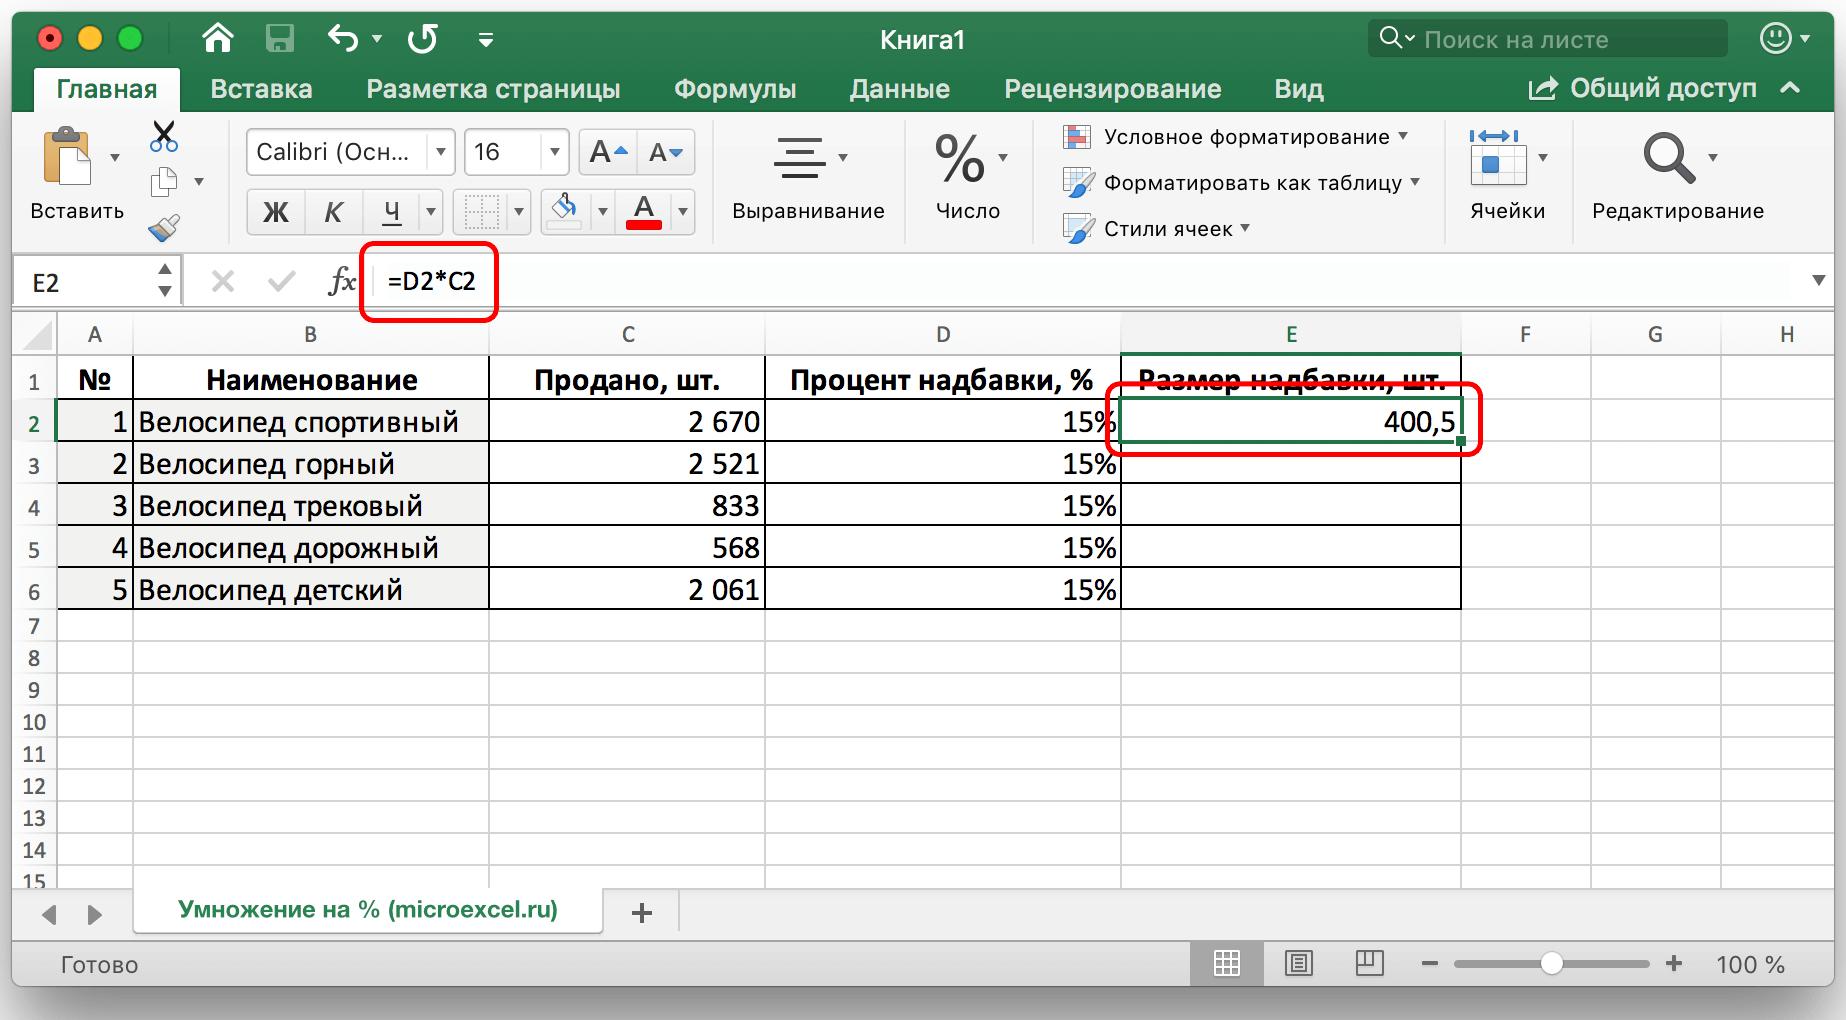 formula de calcul a opțiunii)